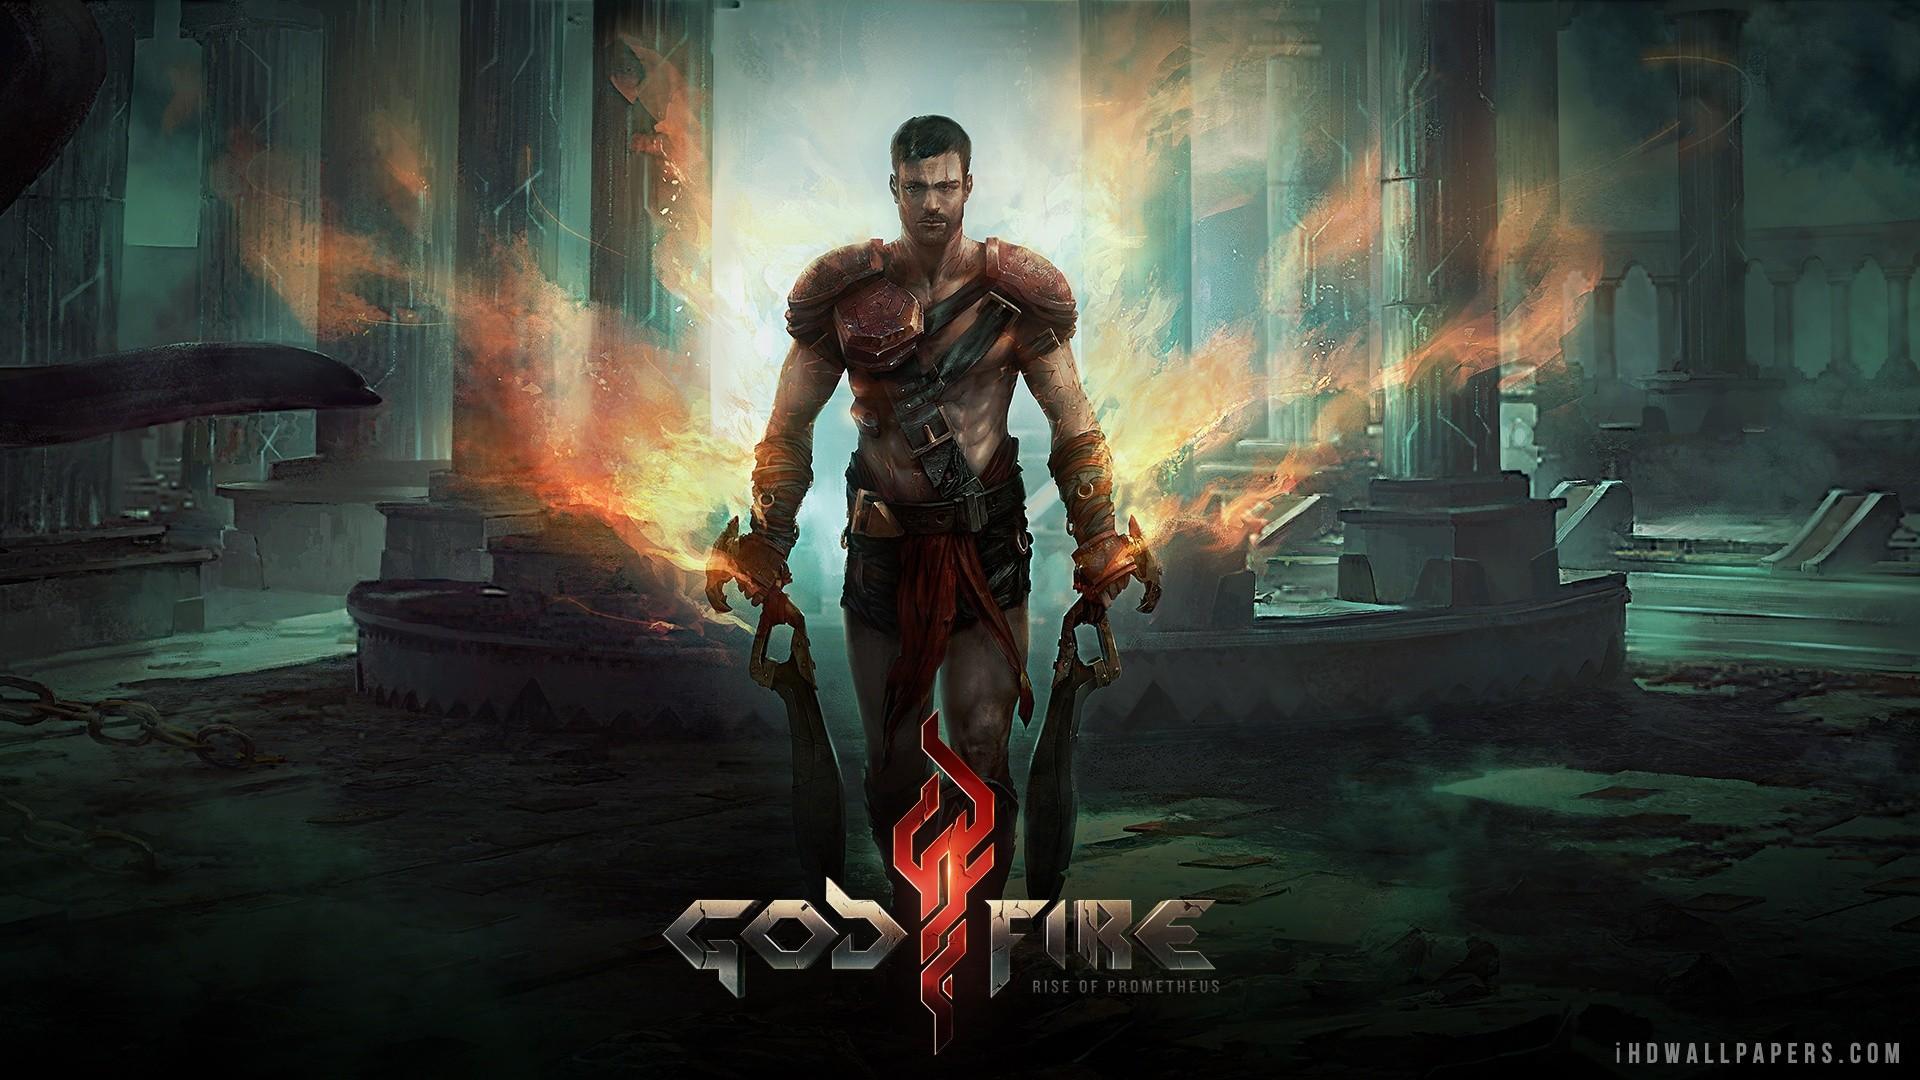 Godfire Rise of Prometheus PC Game wallpaper thumb